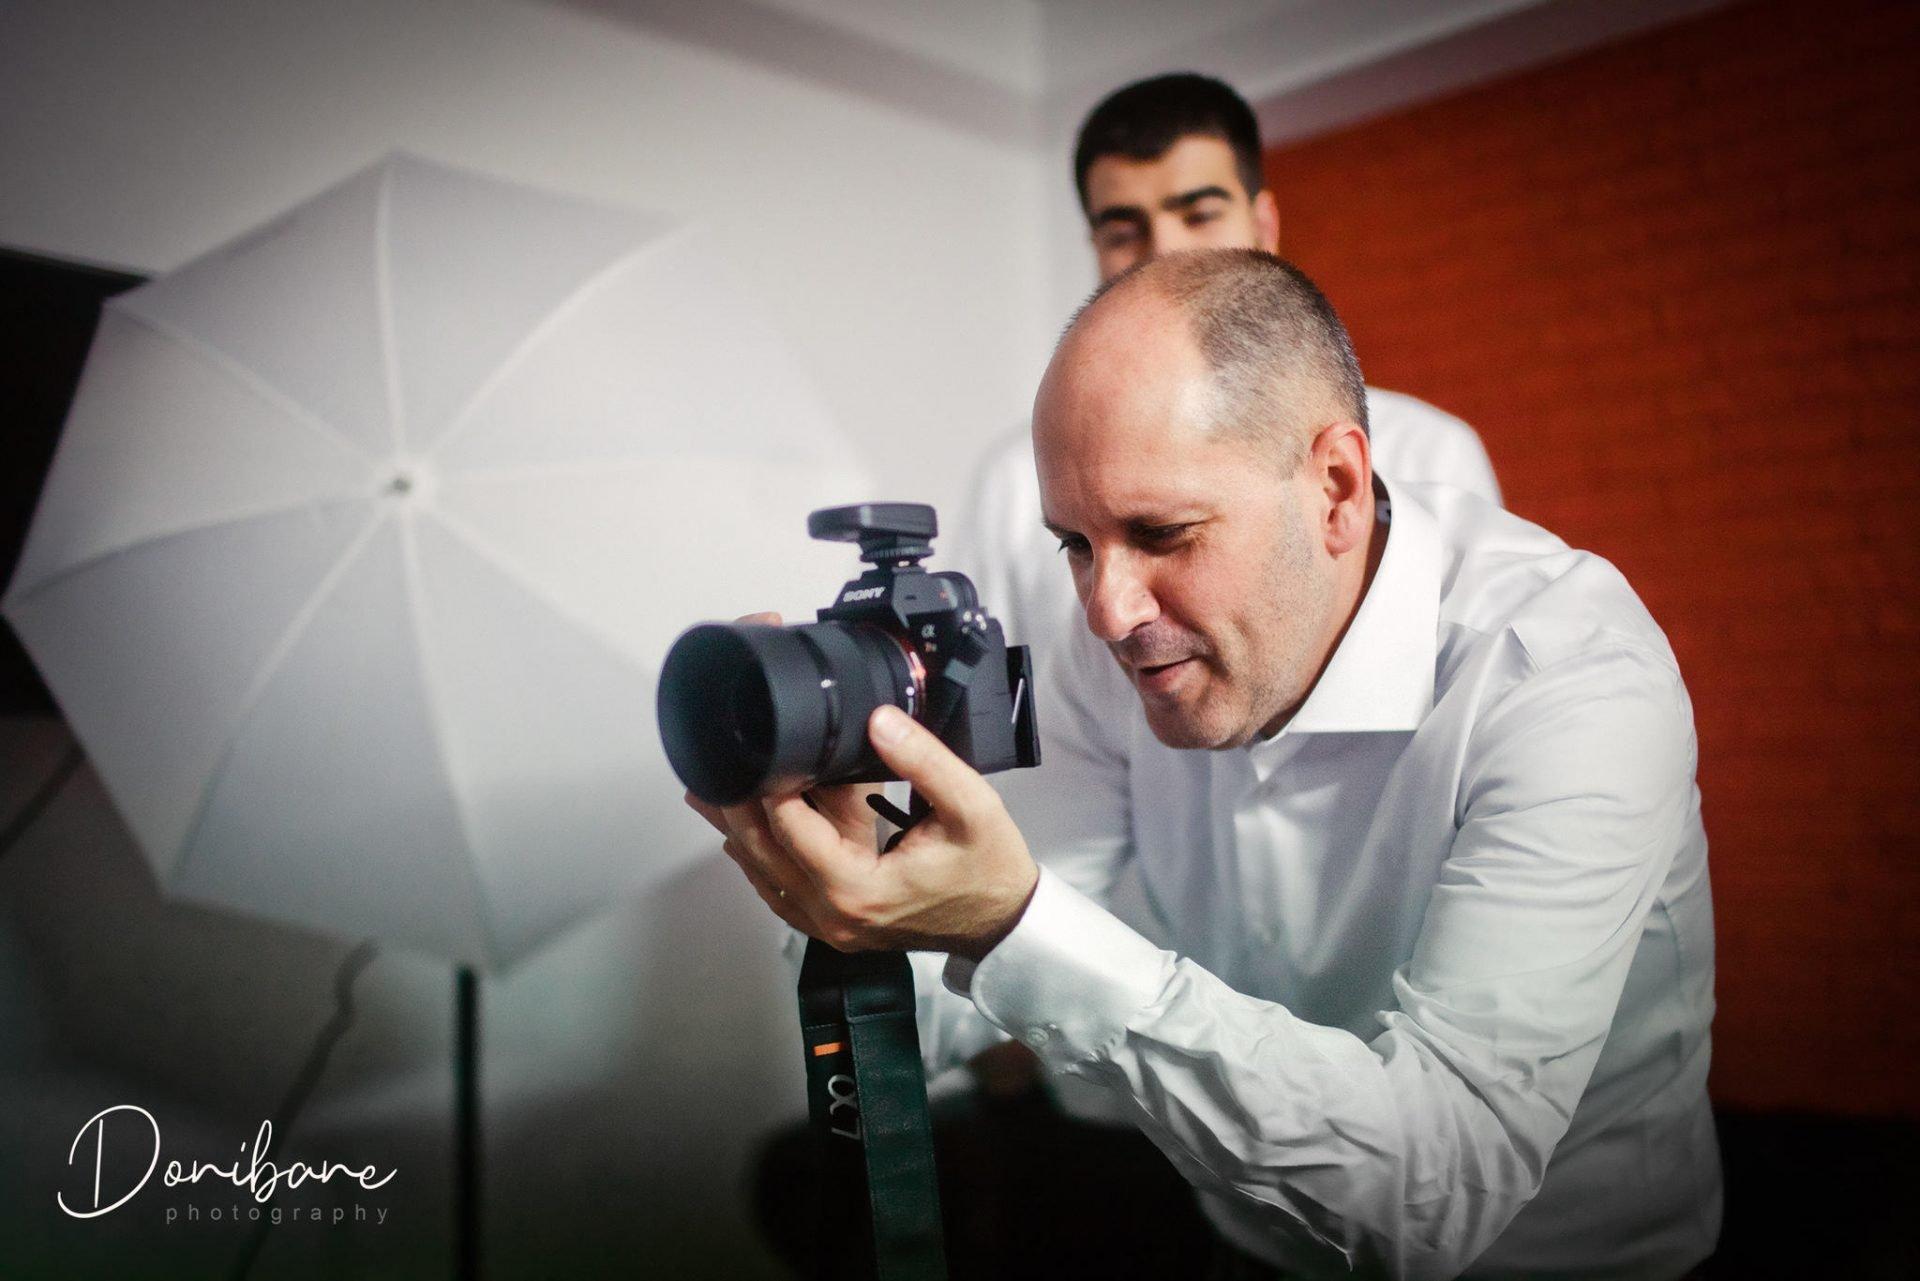 Donibane fotografía corporativa en Bilbao